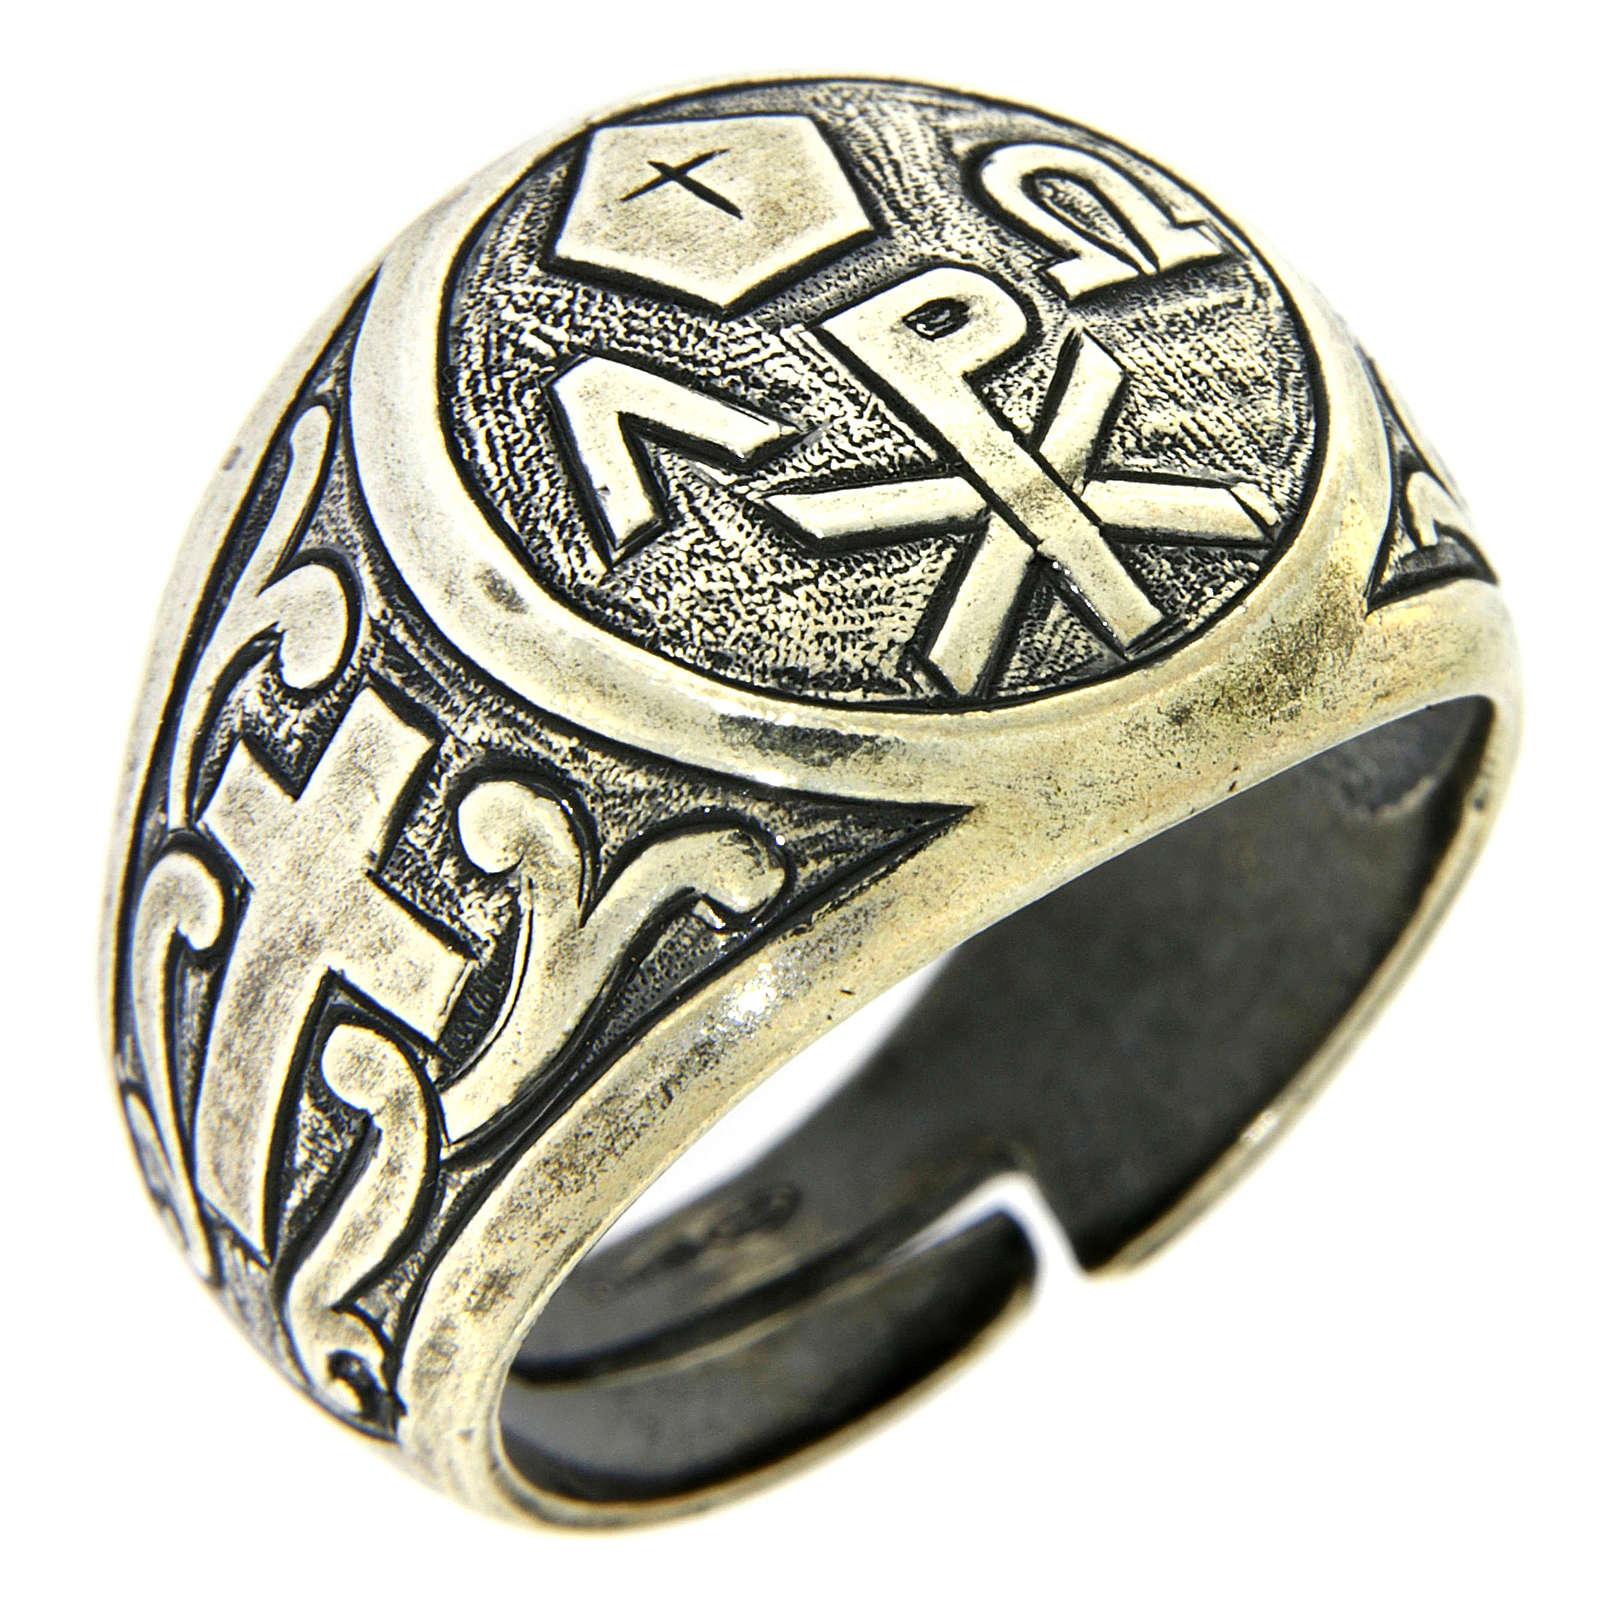 Anello simbolo Pax Argento 925 anticato 3